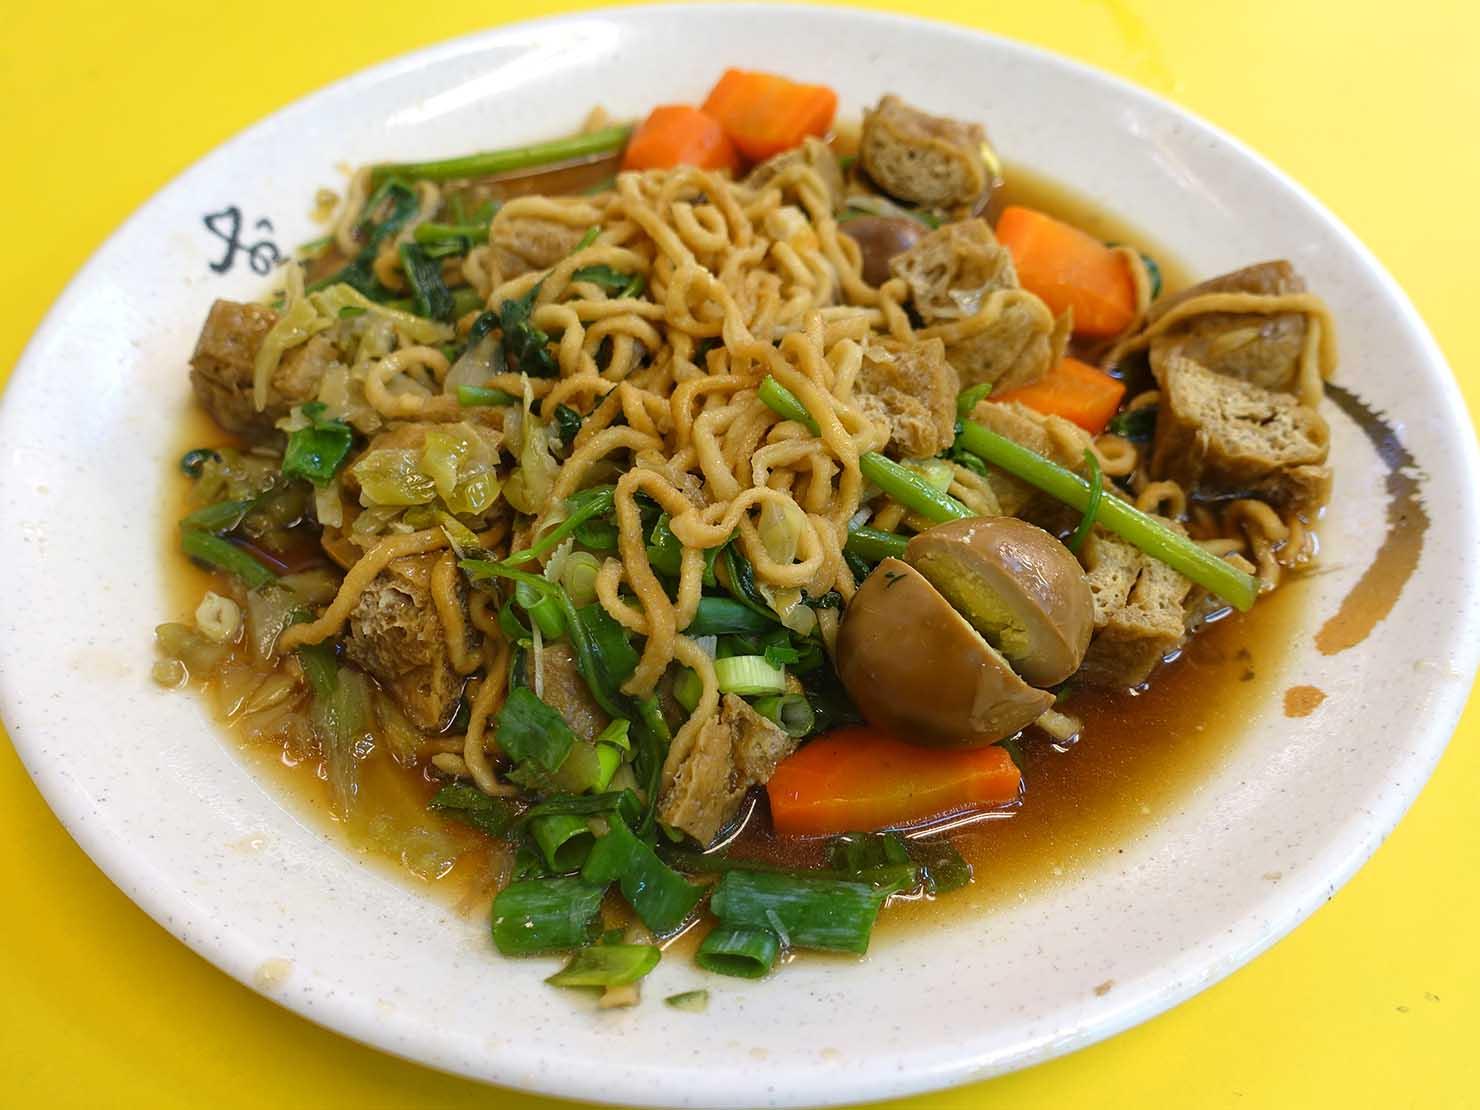 台北・師大夜市のおすすめ台湾グルメ店「金甌滷味」の滷味(台湾式ごった煮)